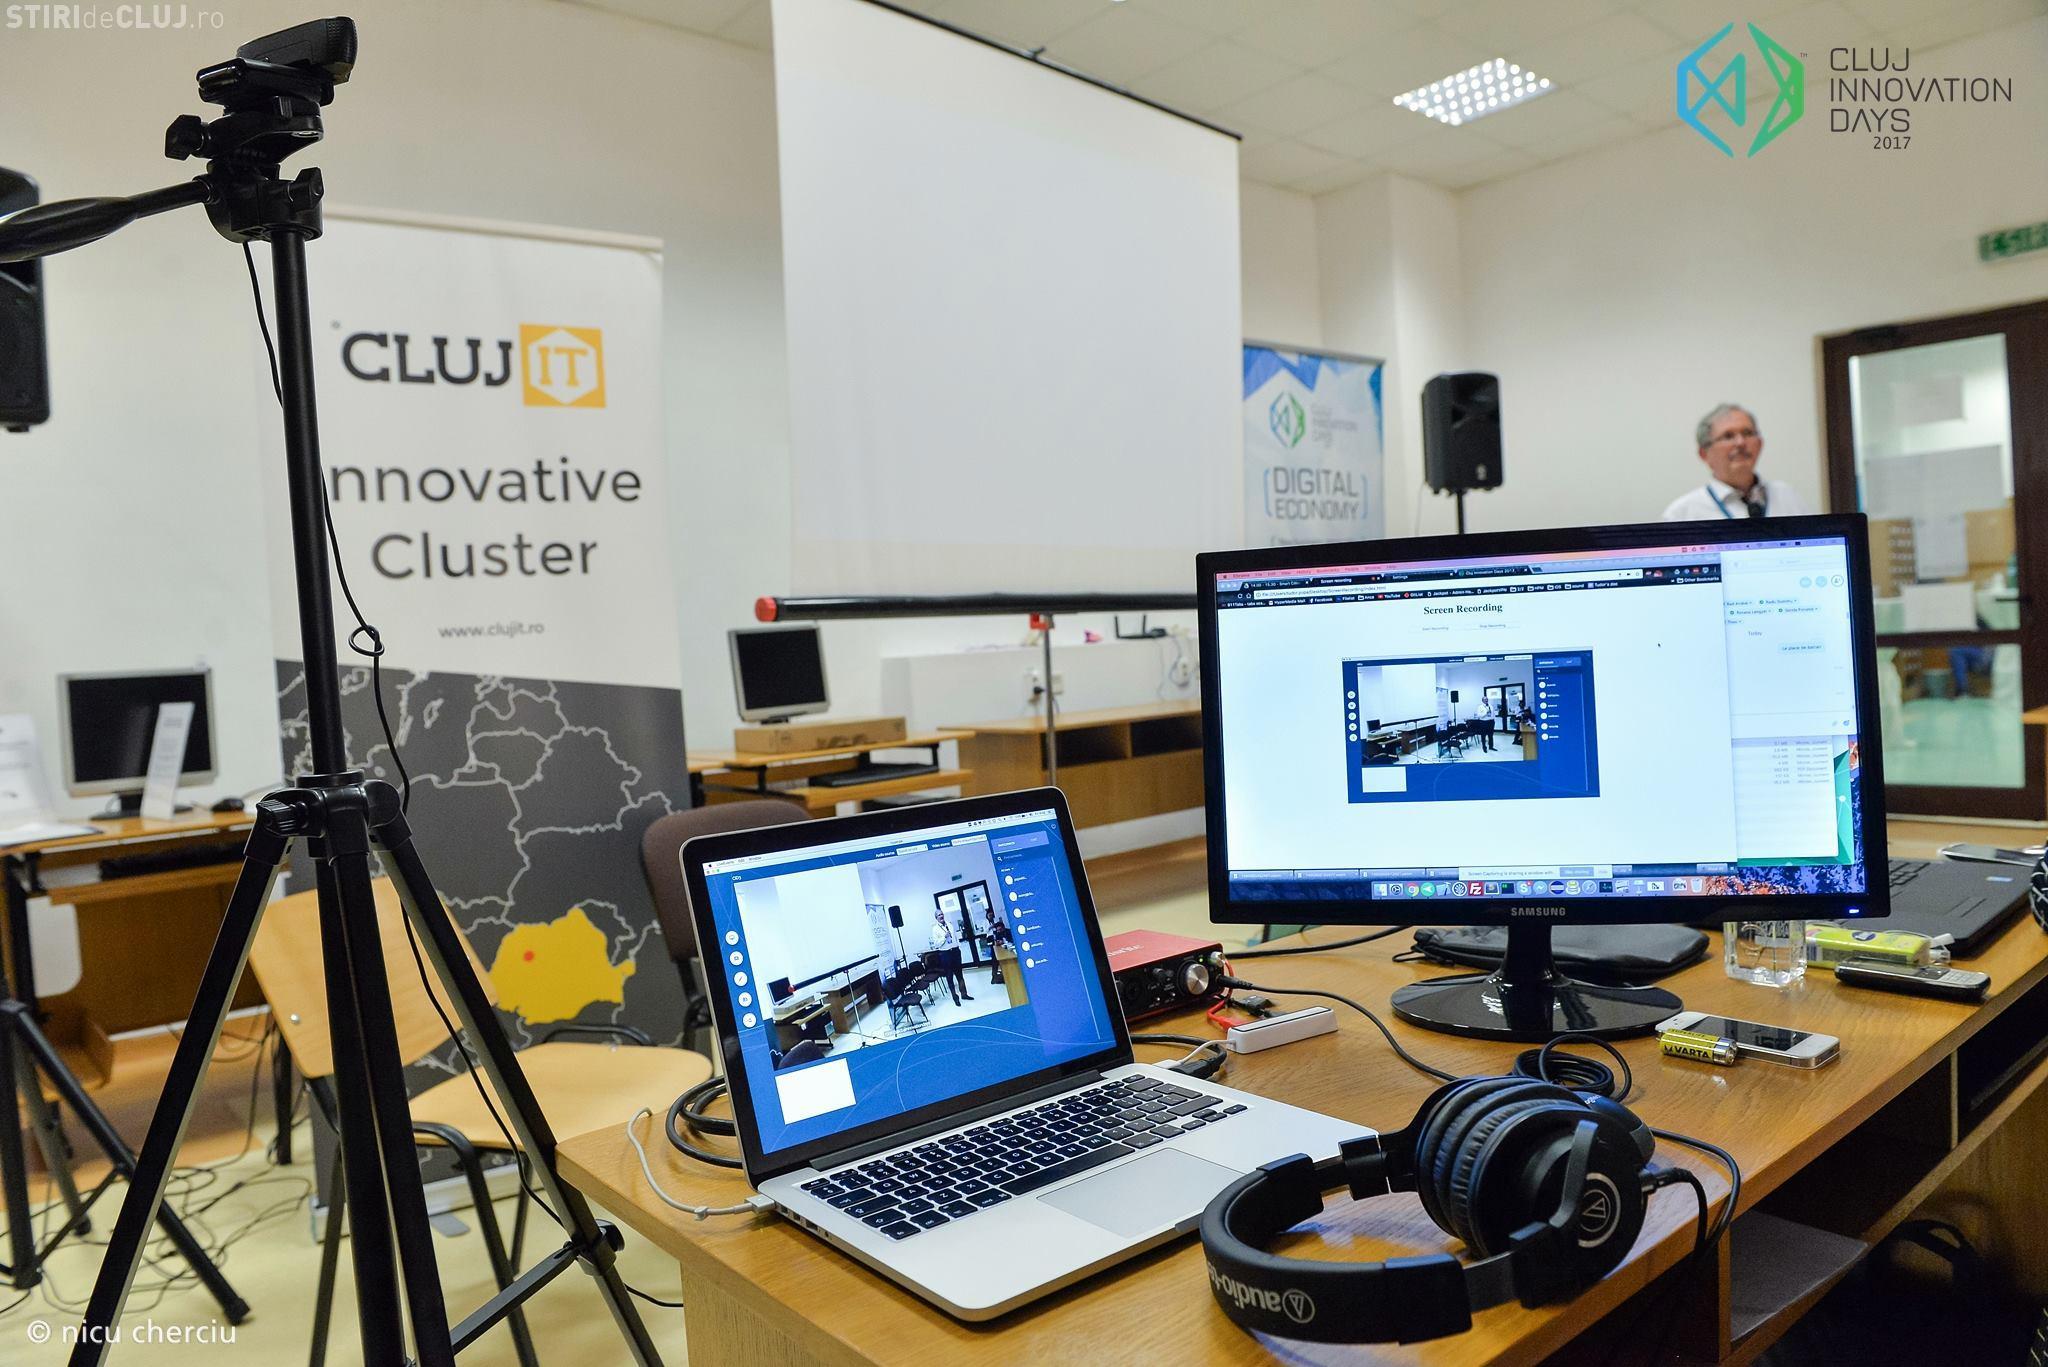 Loopaa a intrat în familia Cluj IT Cluster. E singura agenție de marketing membră a clusterului